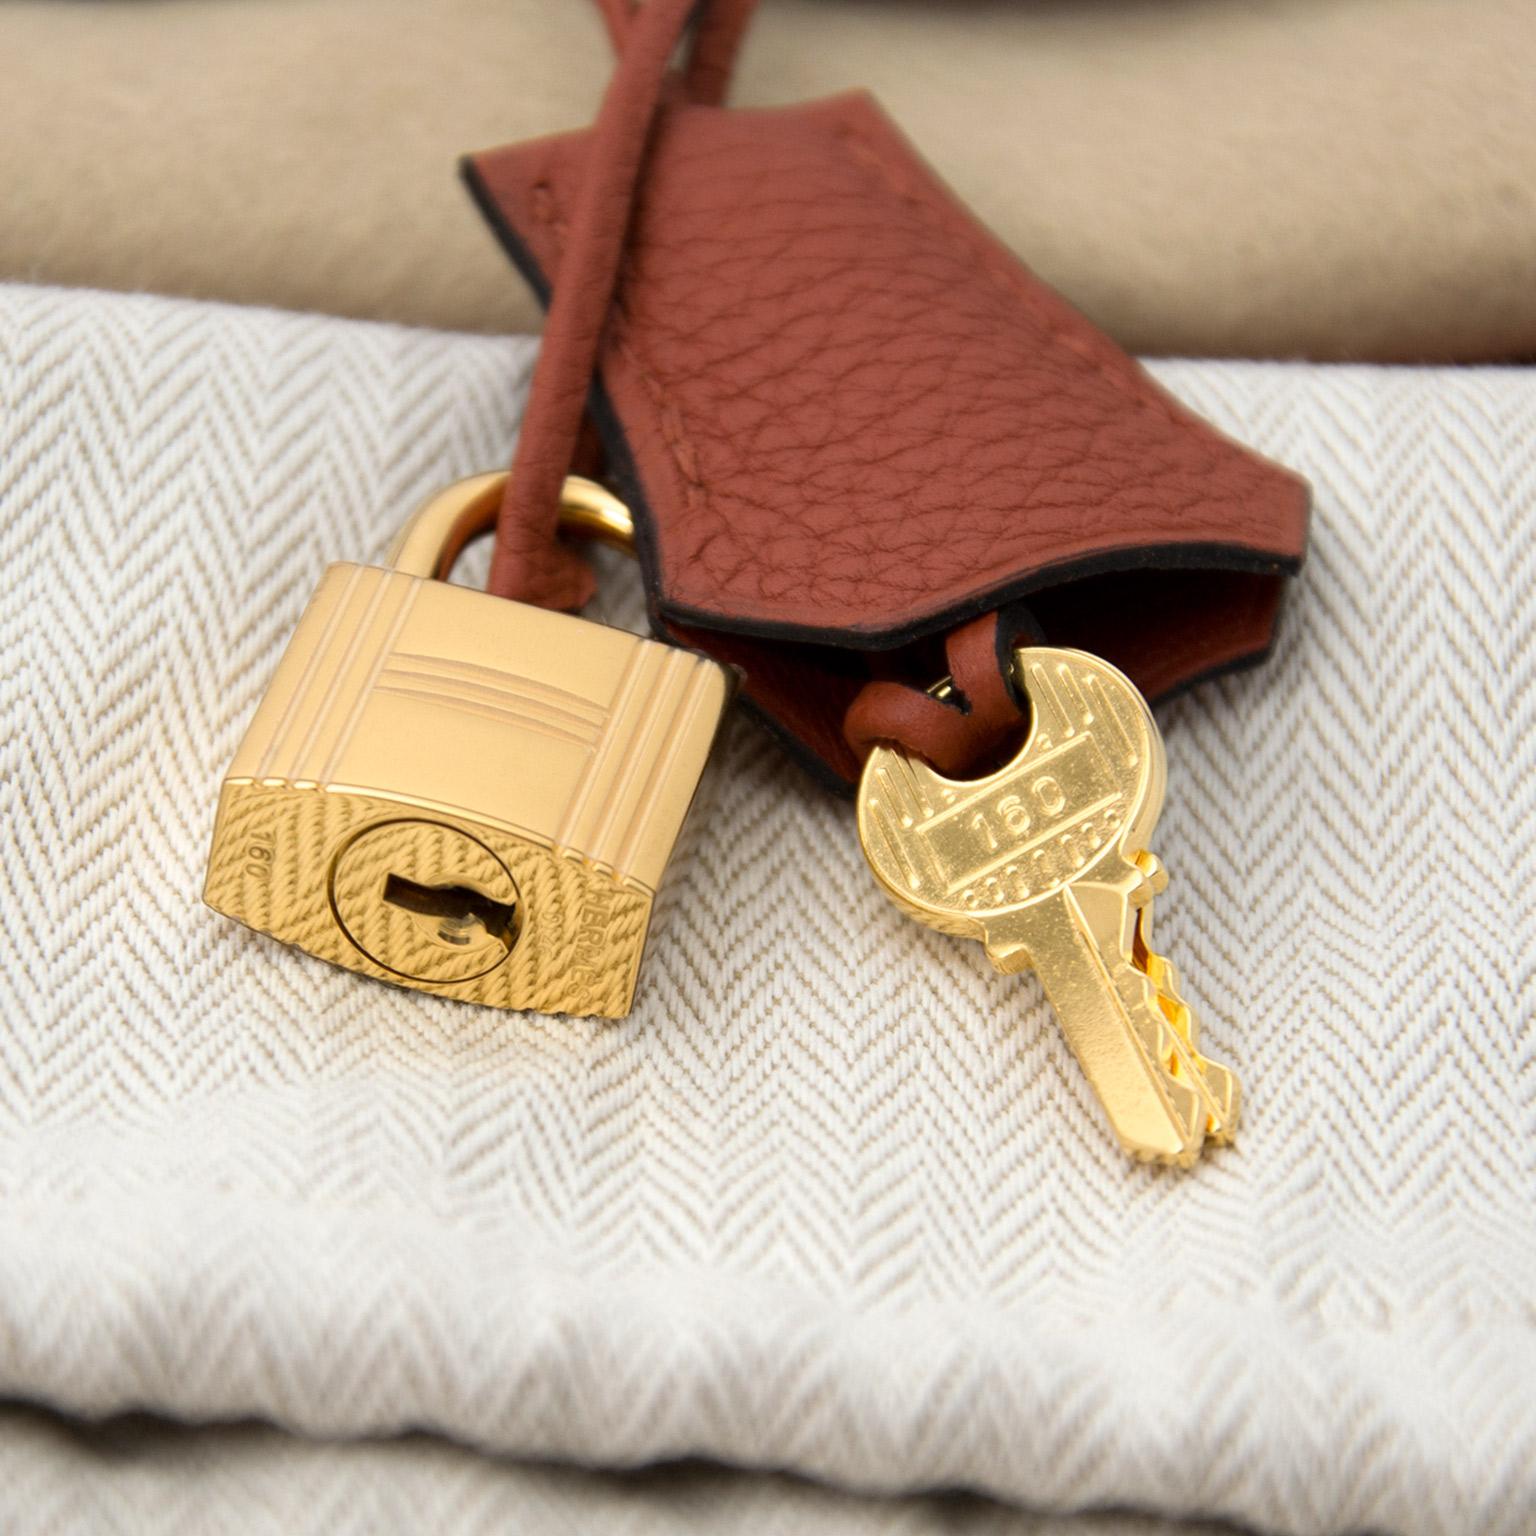 cfbcca5ef8 Safe and secure online Vintage Hermès Birkin cuivre bags for the best price  at Labellov webshop. Safe and secure